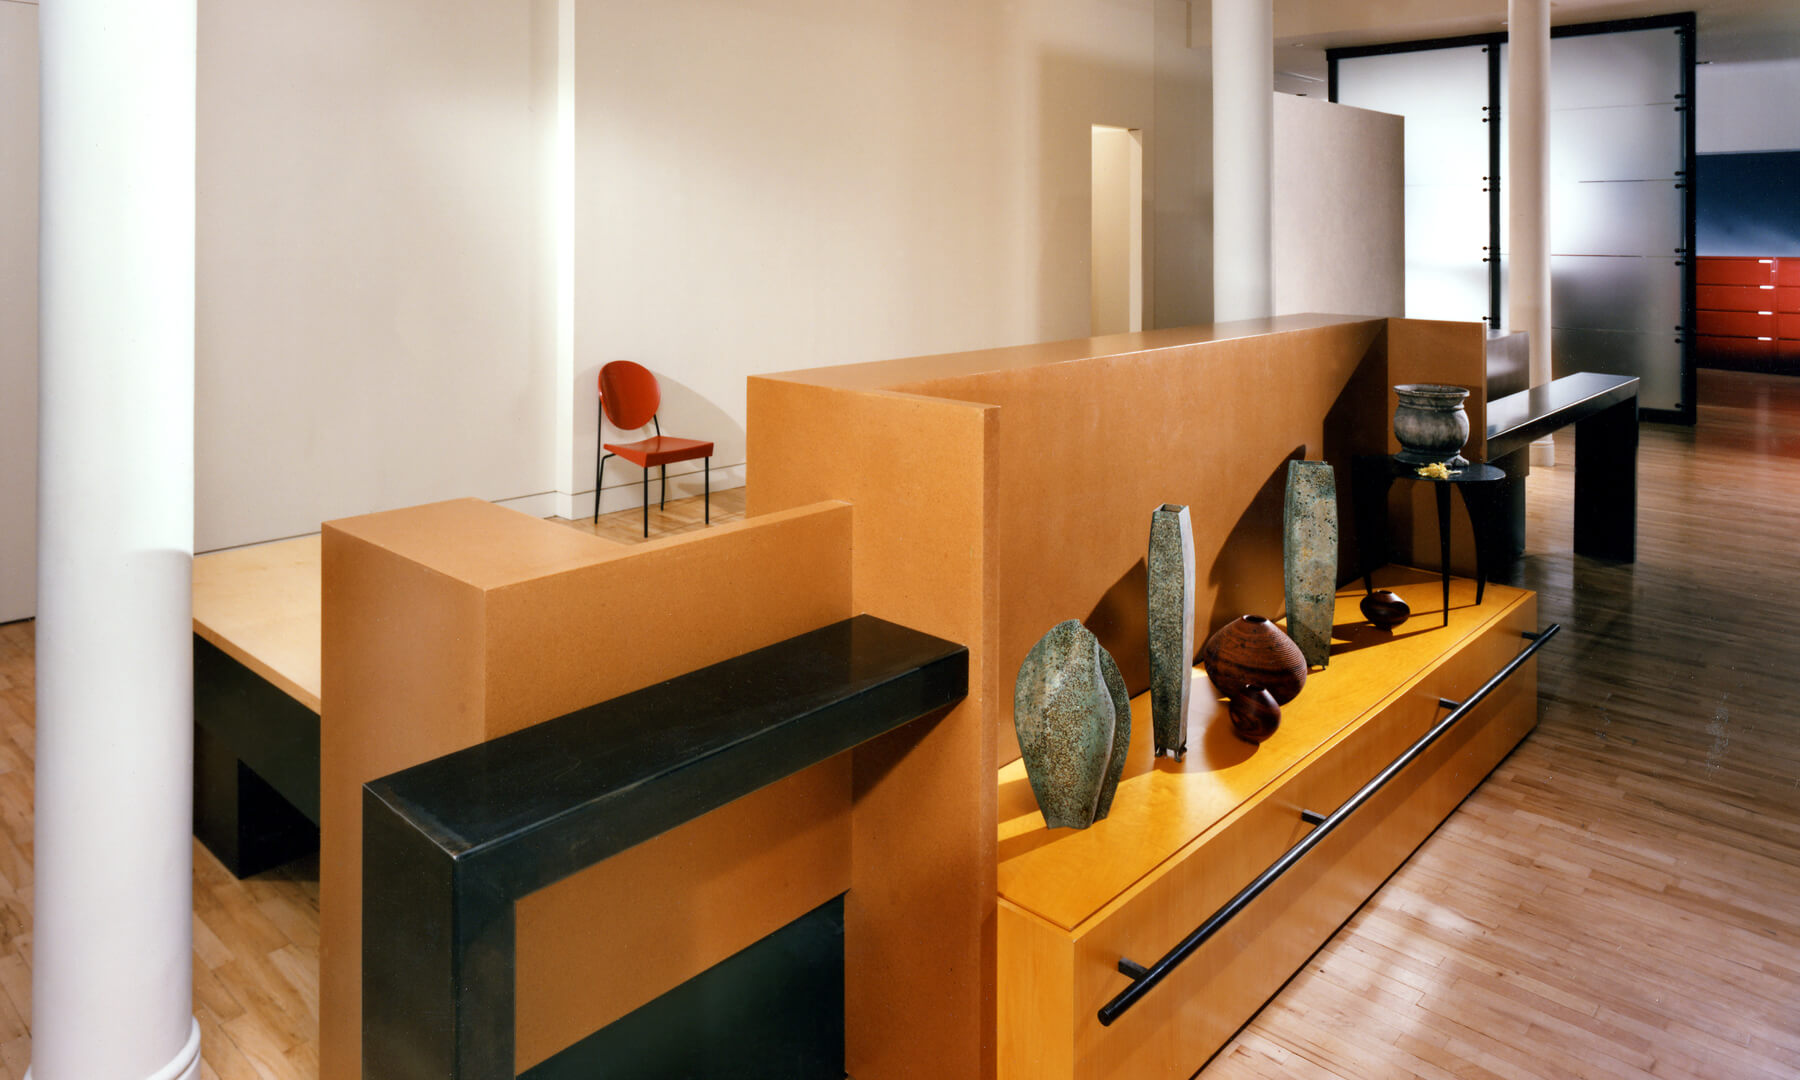 Guggenheim Museum Soho - 06